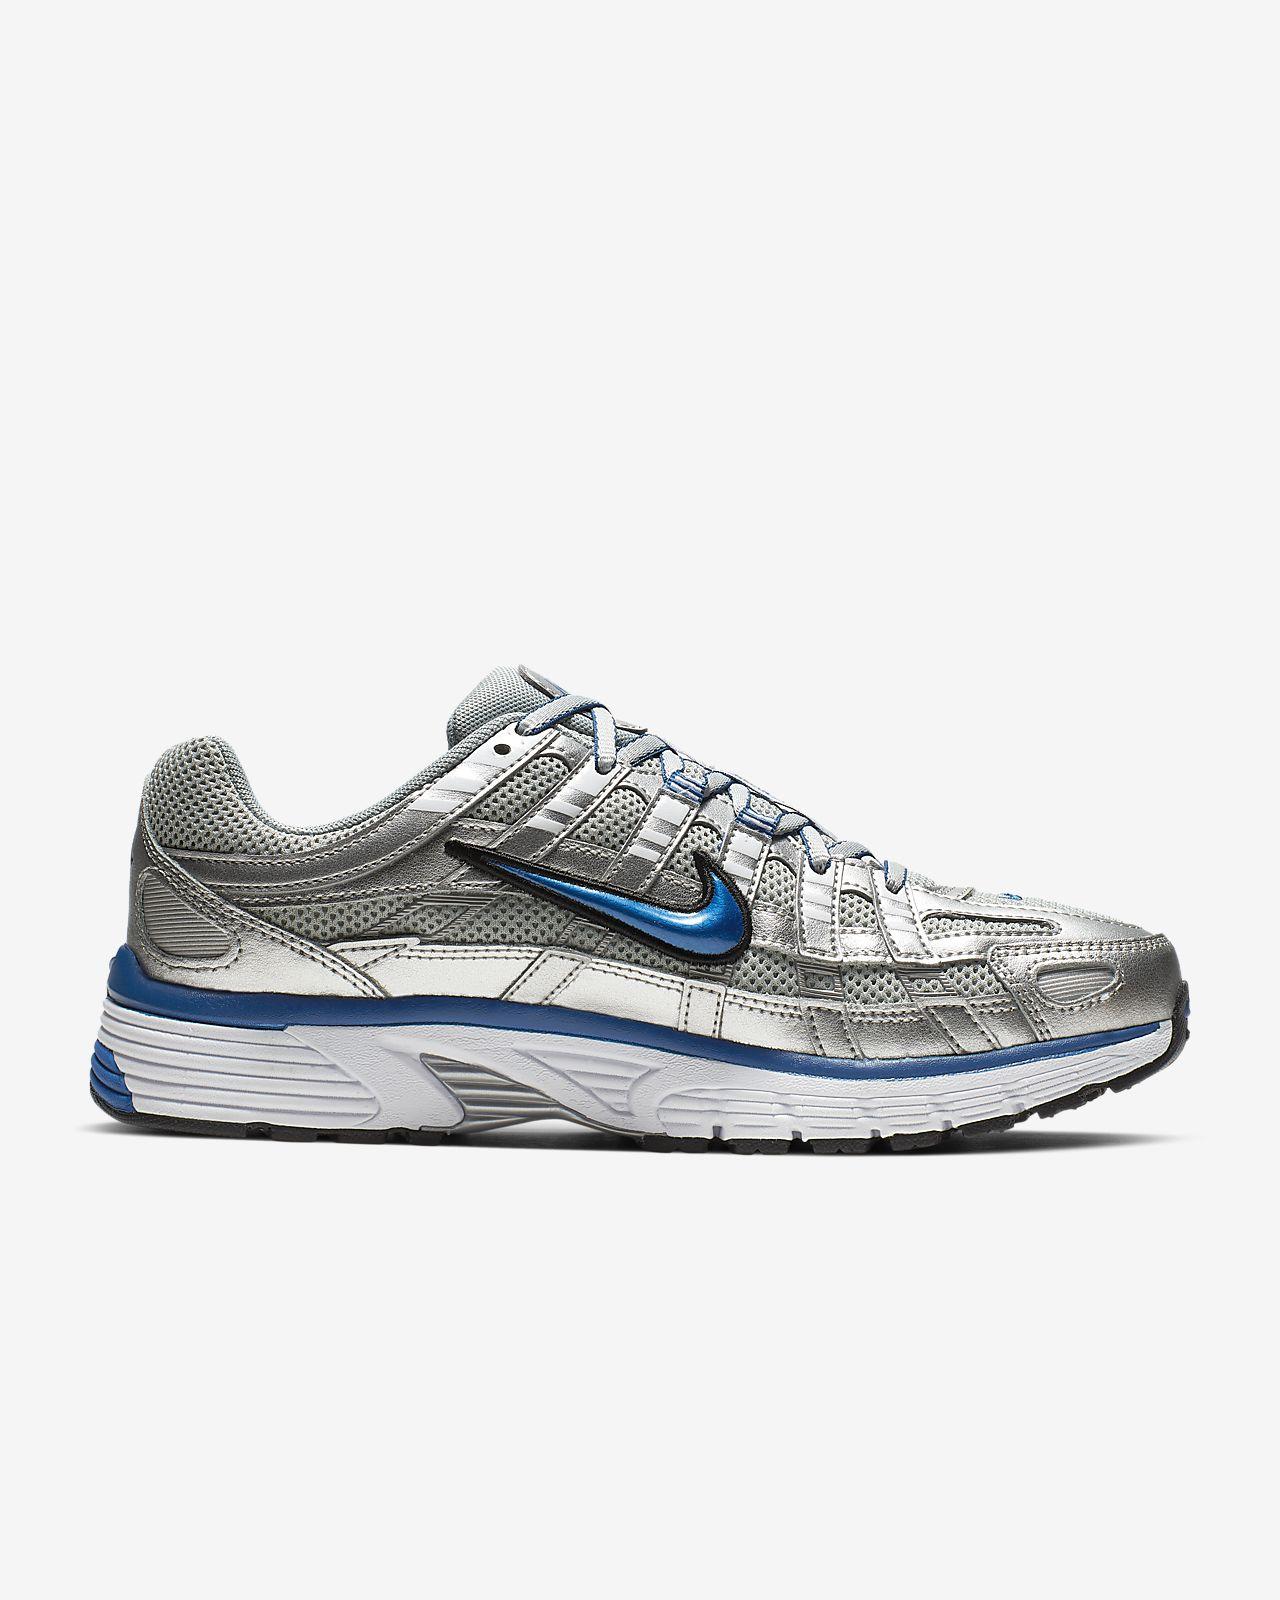 Nike Wmns P 6000 Bv1021 001 Sneakersnstuff | sneakers